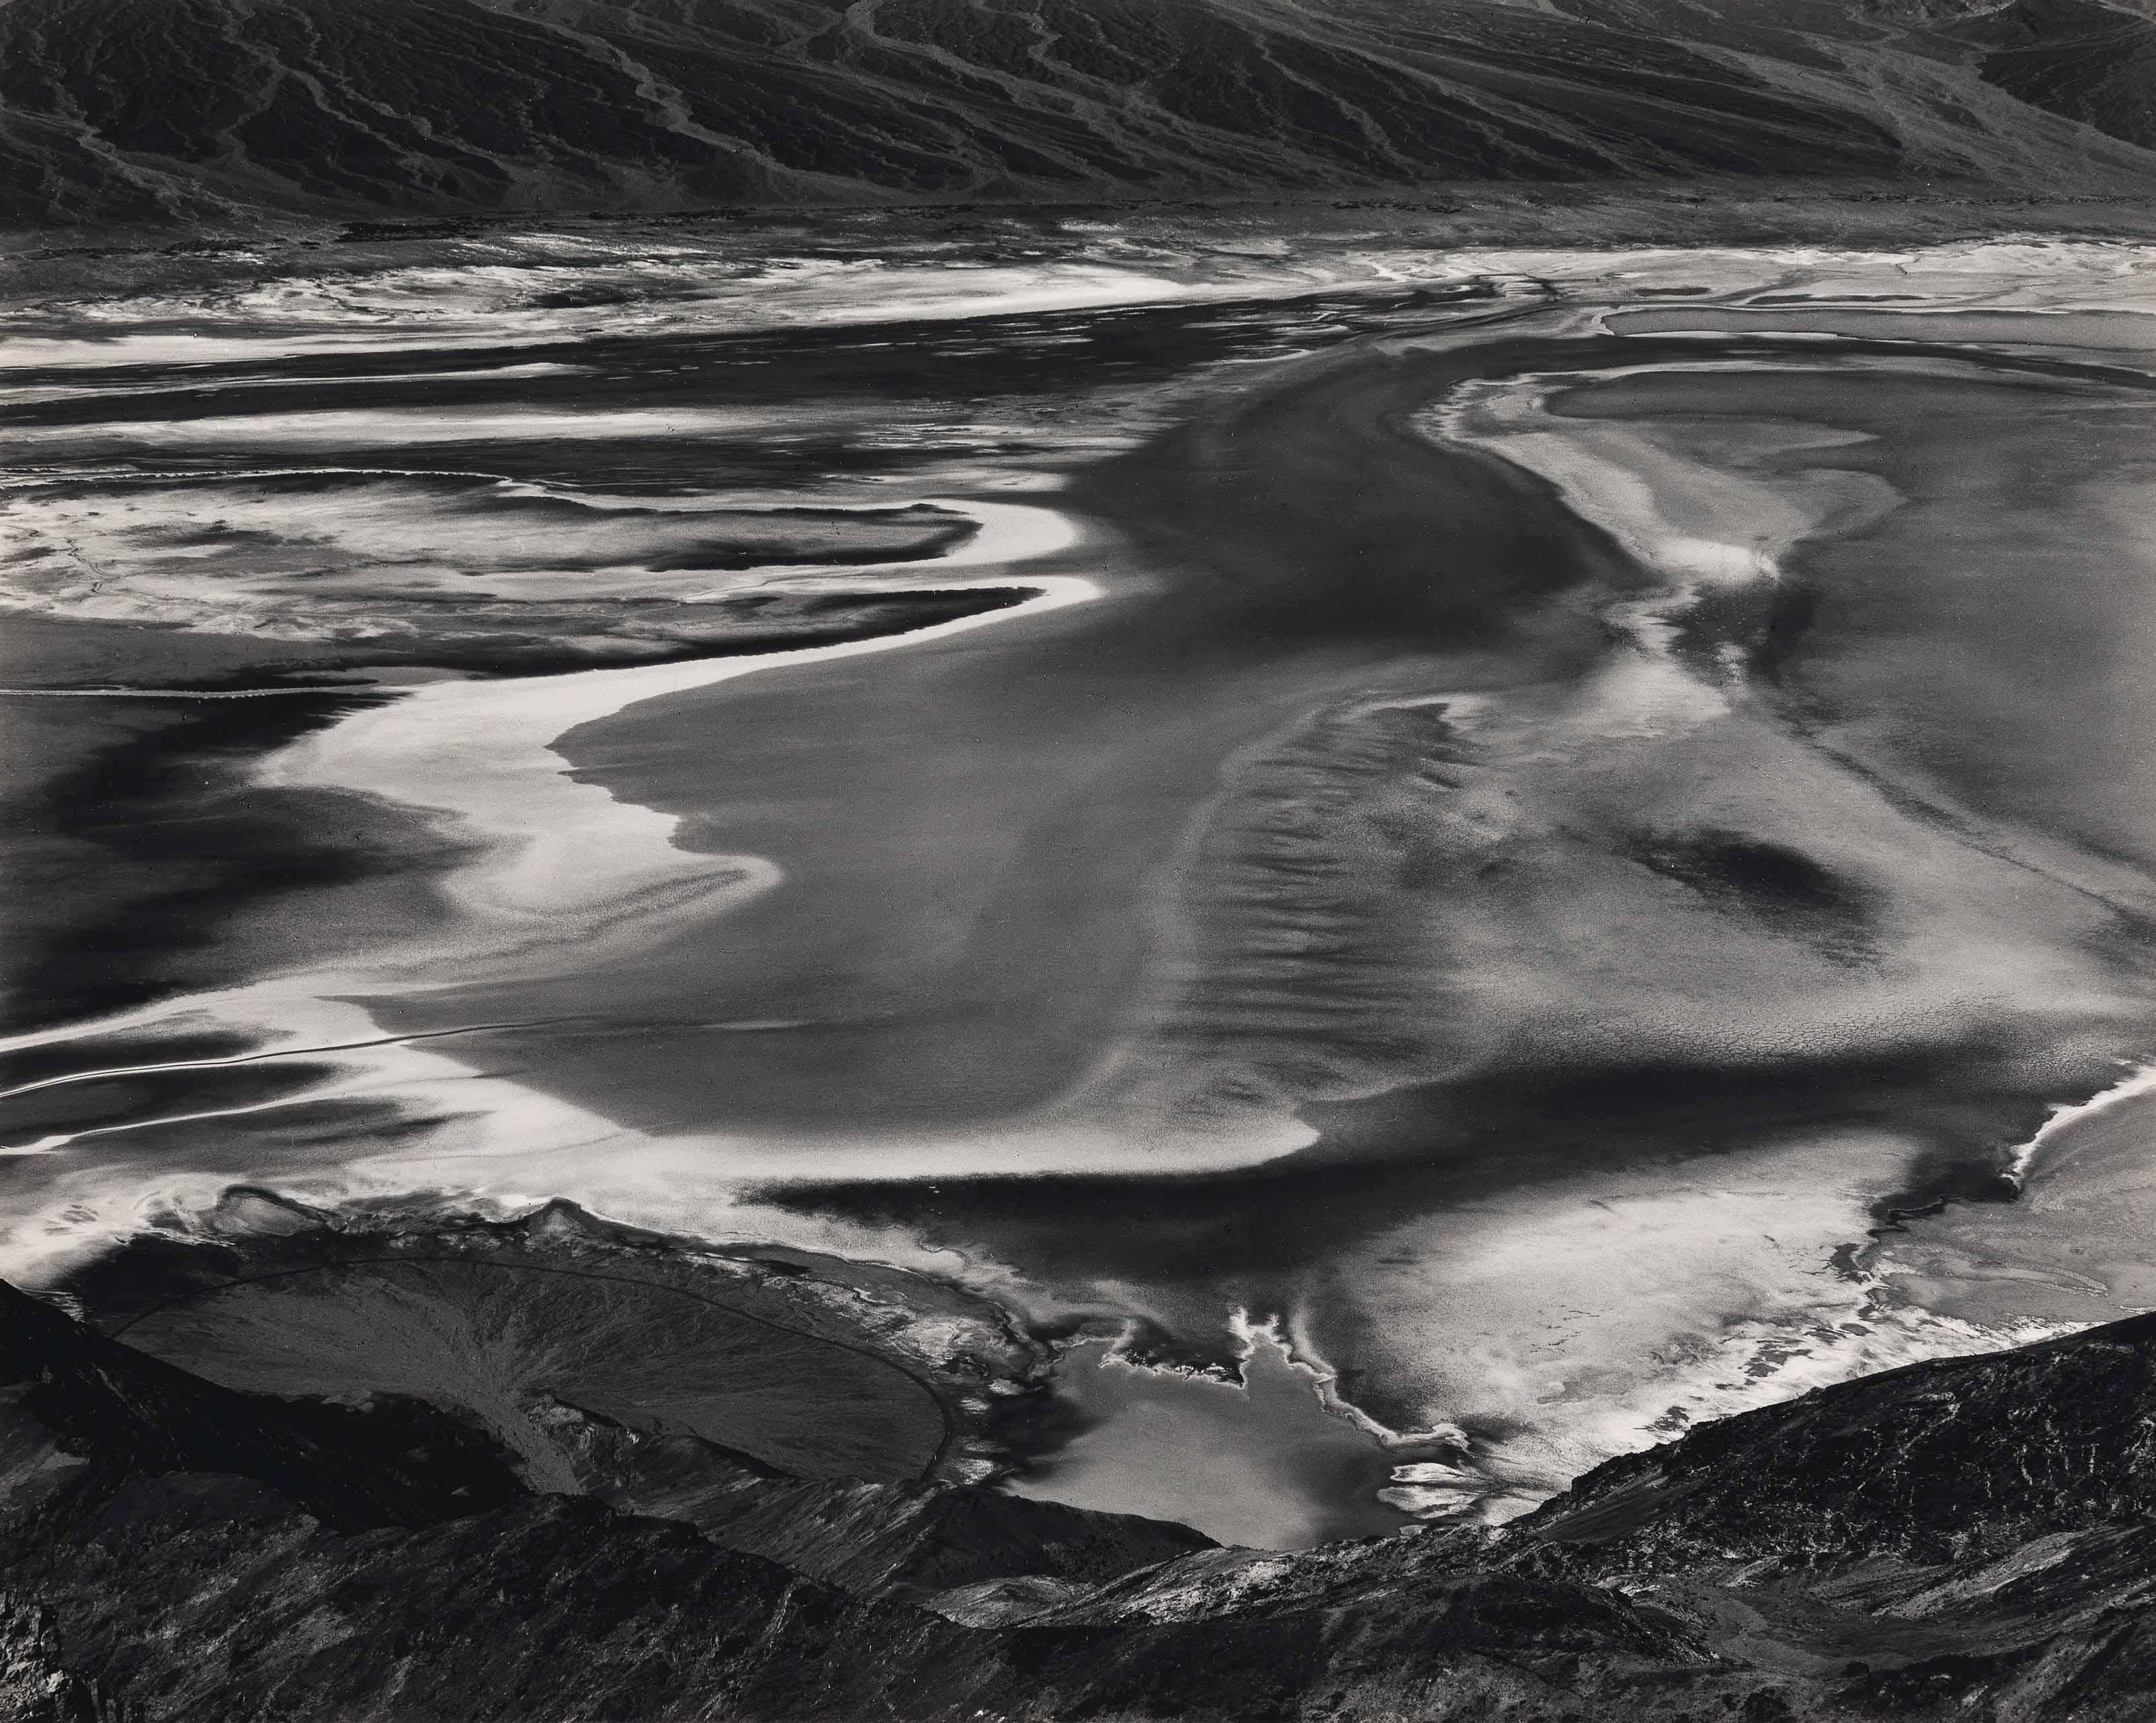 Susie Morrill, Floating Nude, Lake Teneya, 1983 | Susie